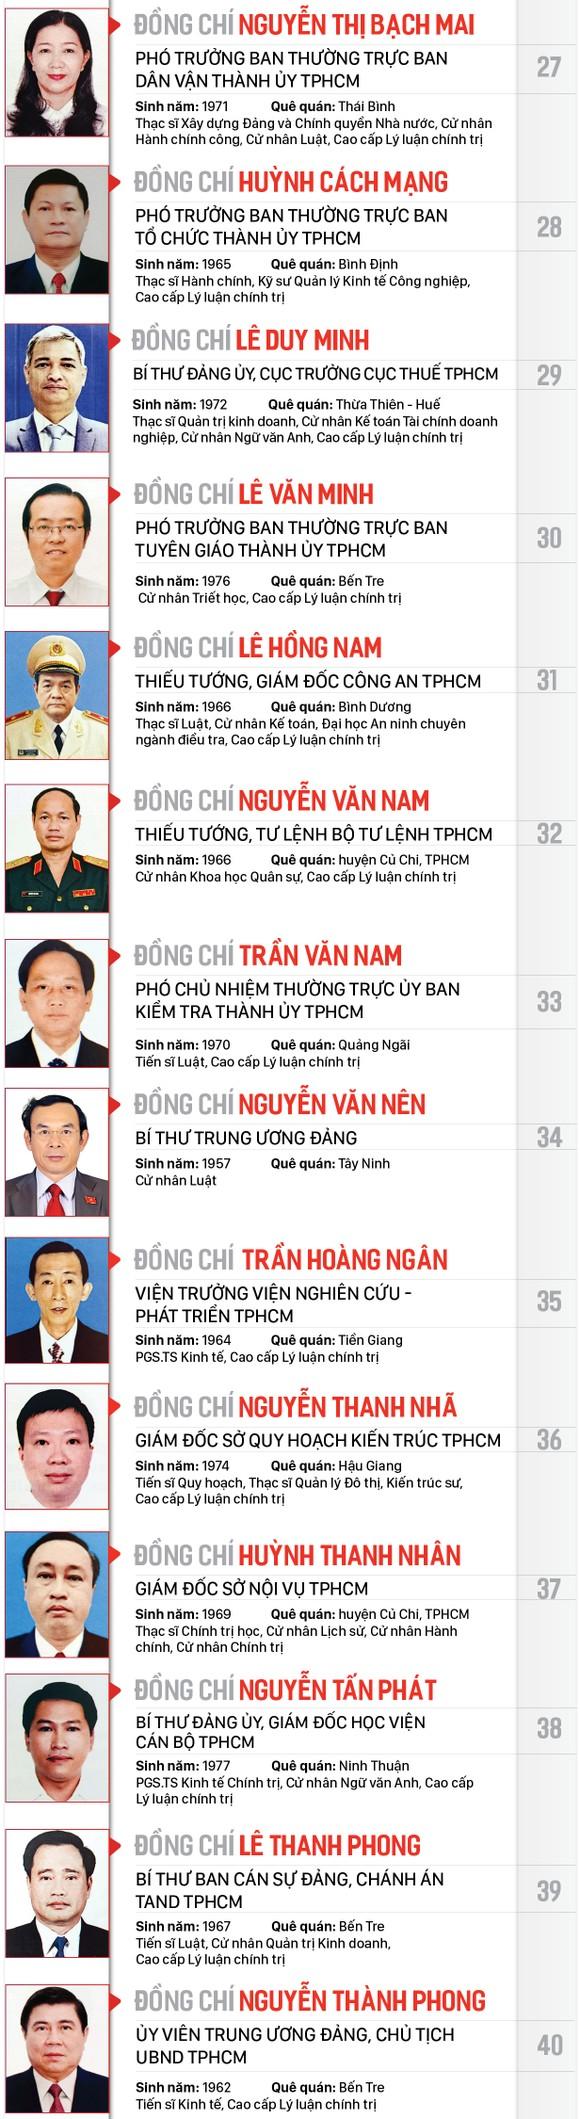 Công bố danh sách Ban Chấp hành Đảng bộ TPHCM khóa XI, nhiệm kỳ 2020-2025 ảnh 4